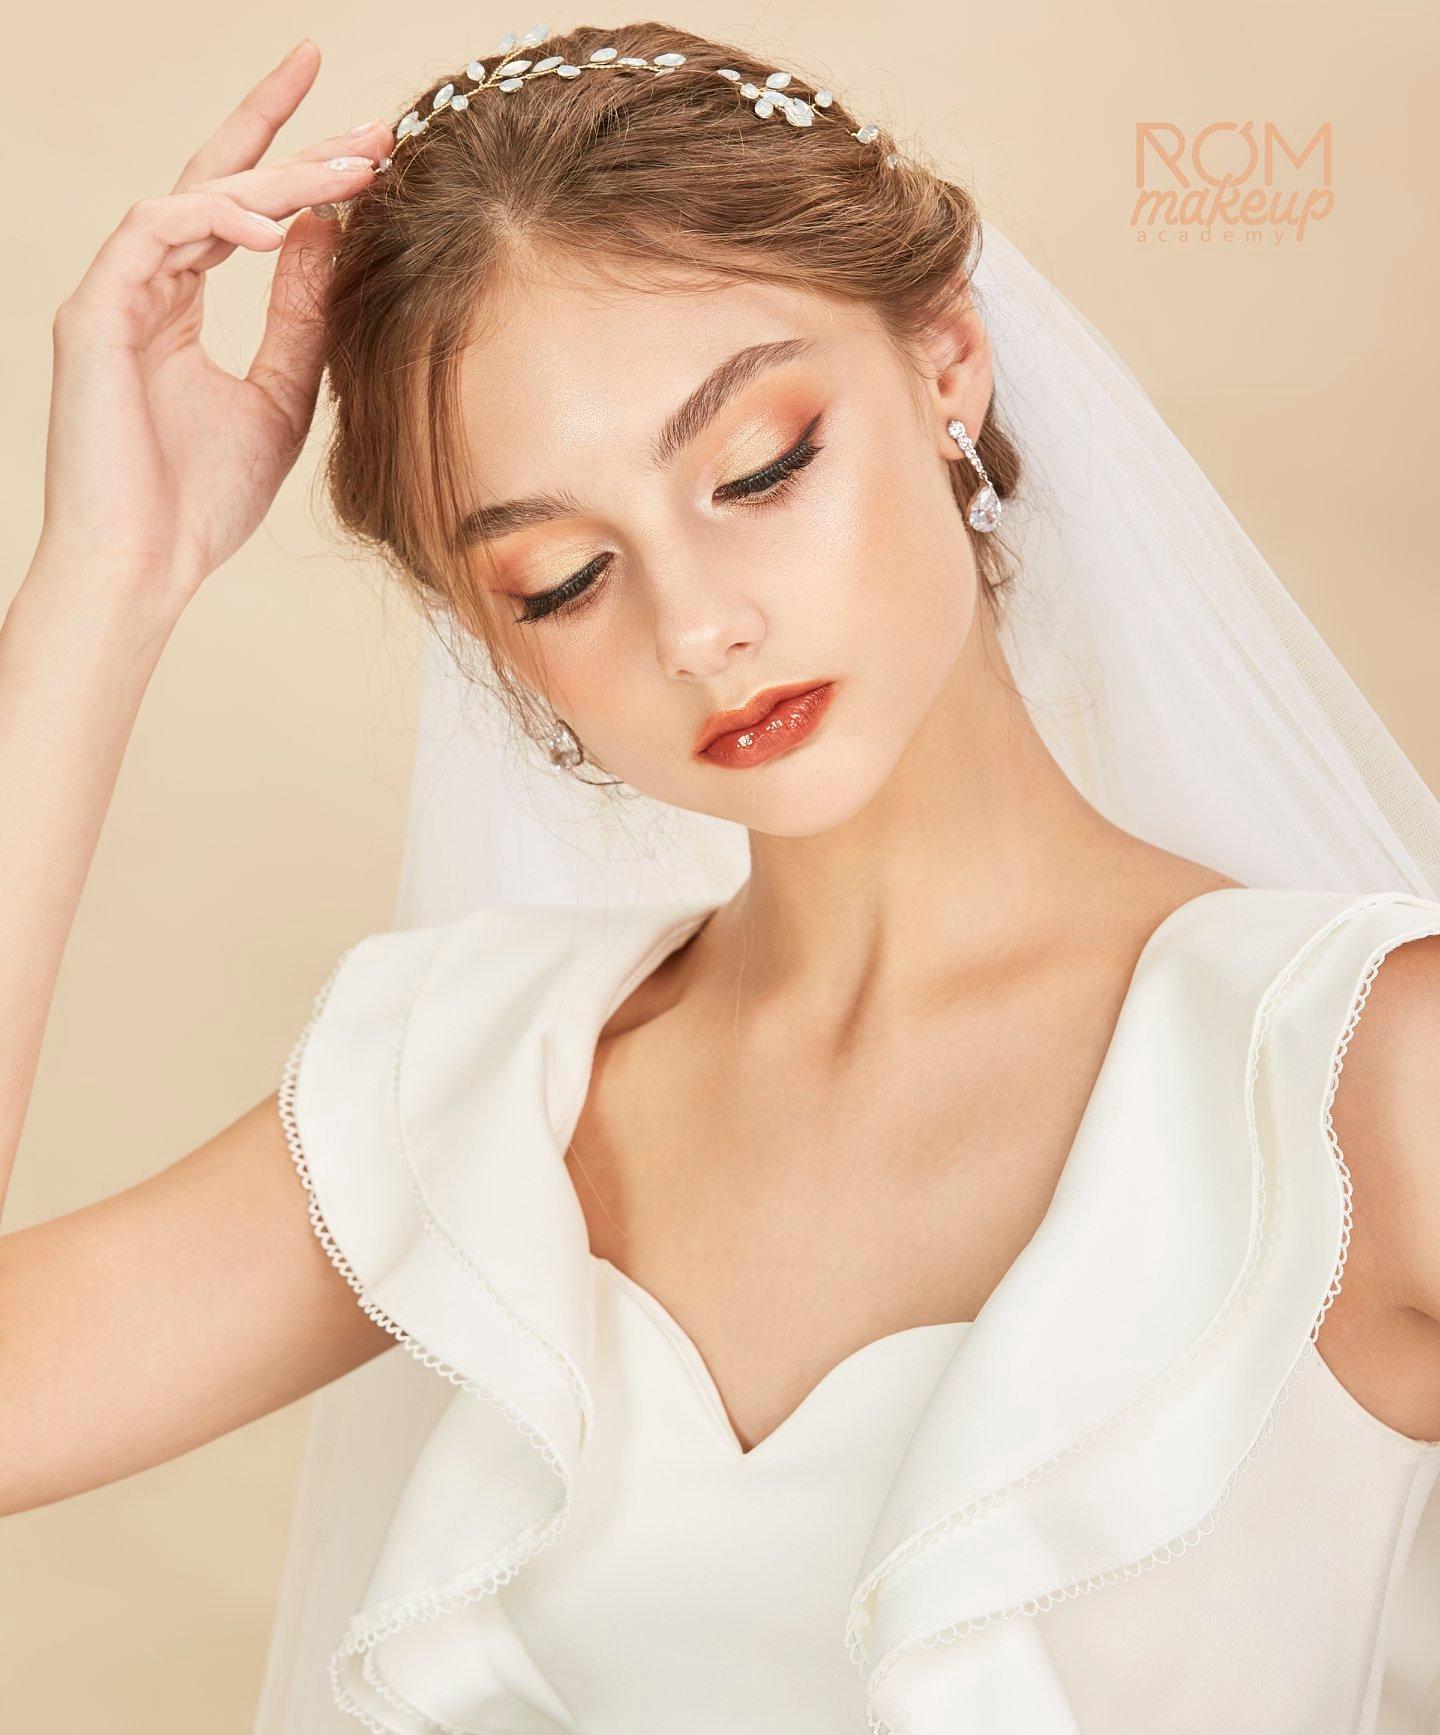 Top 7 tiệm trang điểm cô dâu đẹp nhất tại Long An -  Rơm Studio